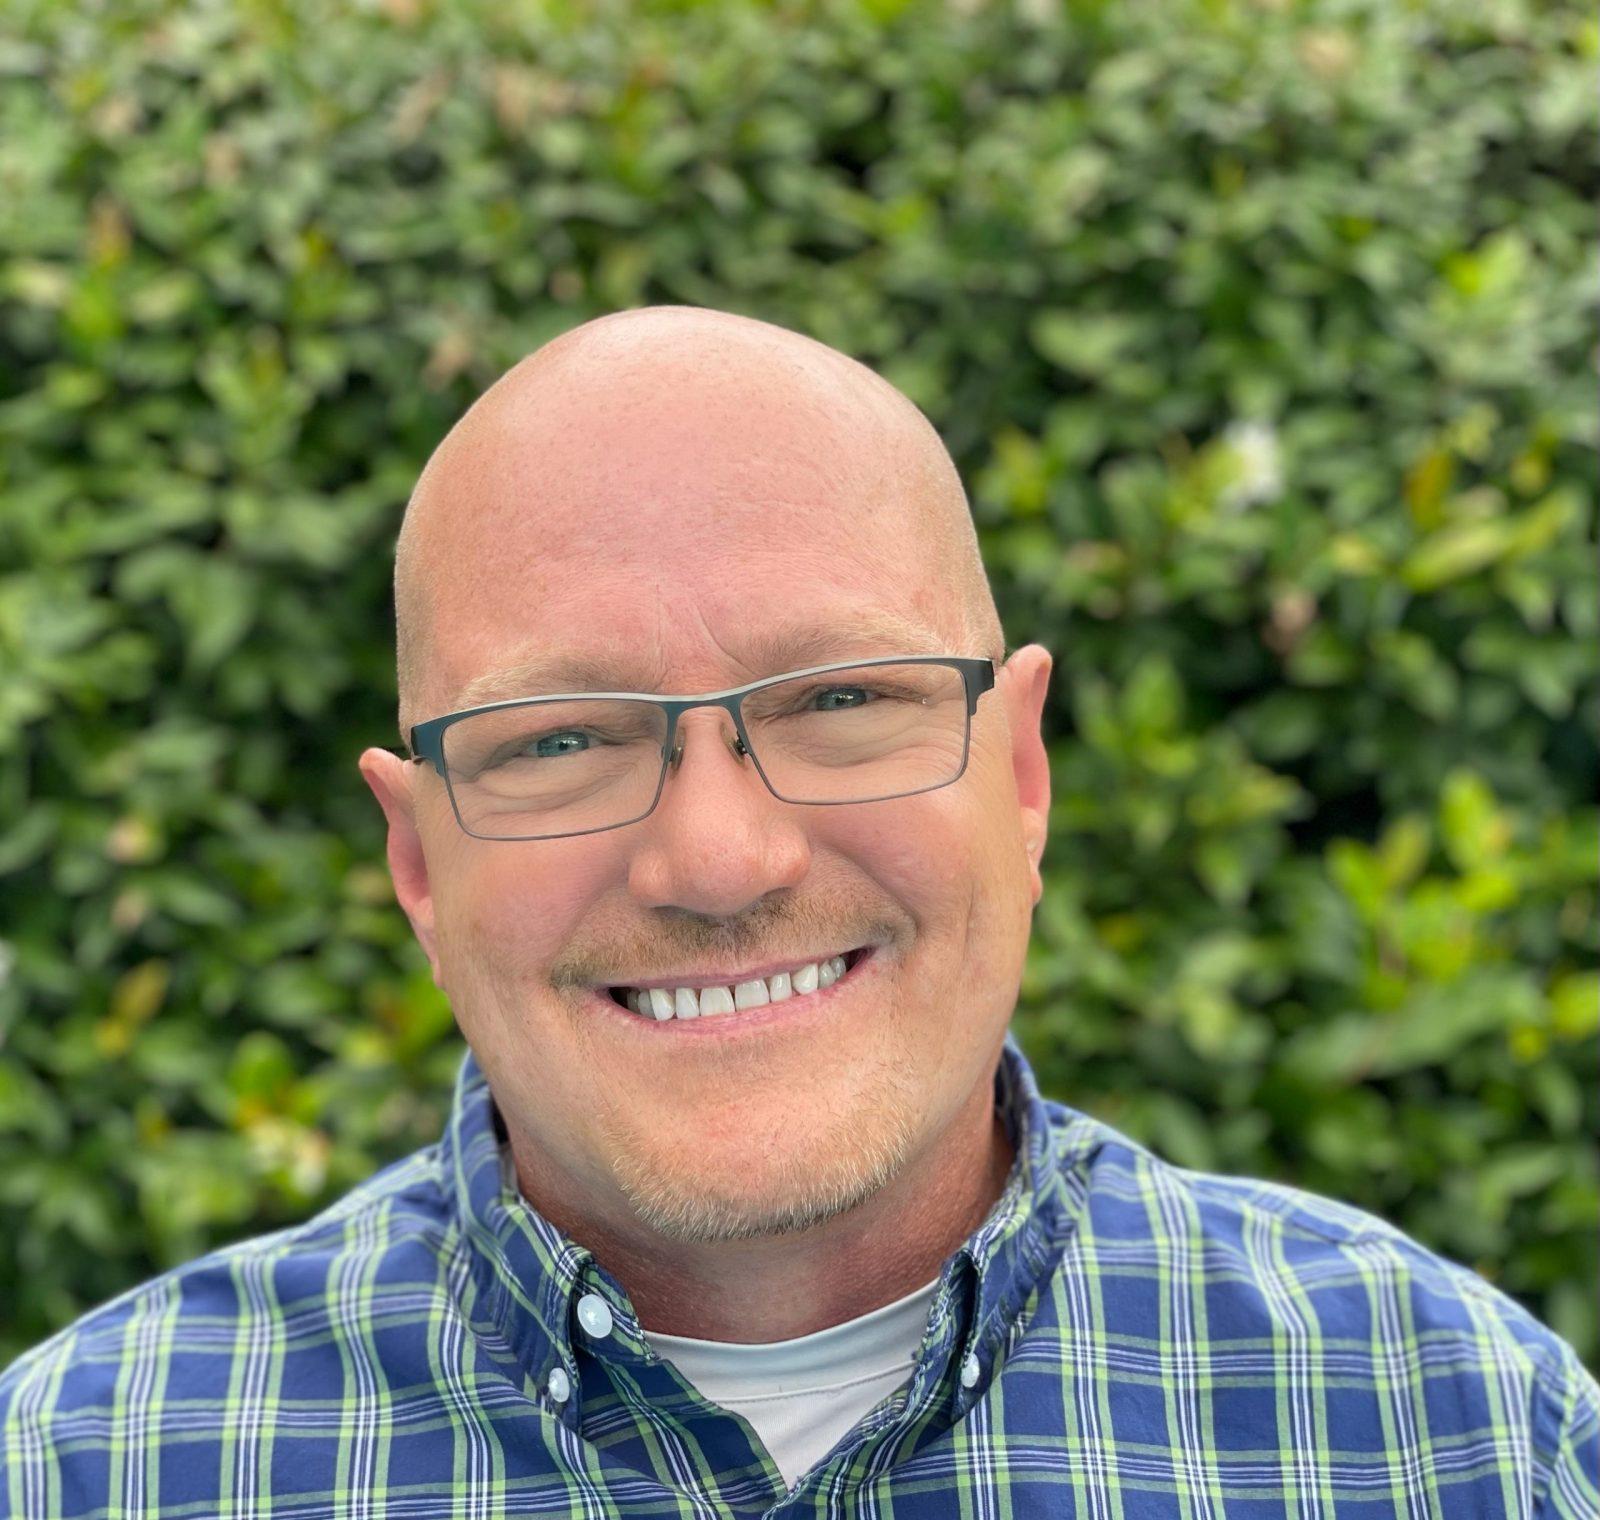 Jason Durden